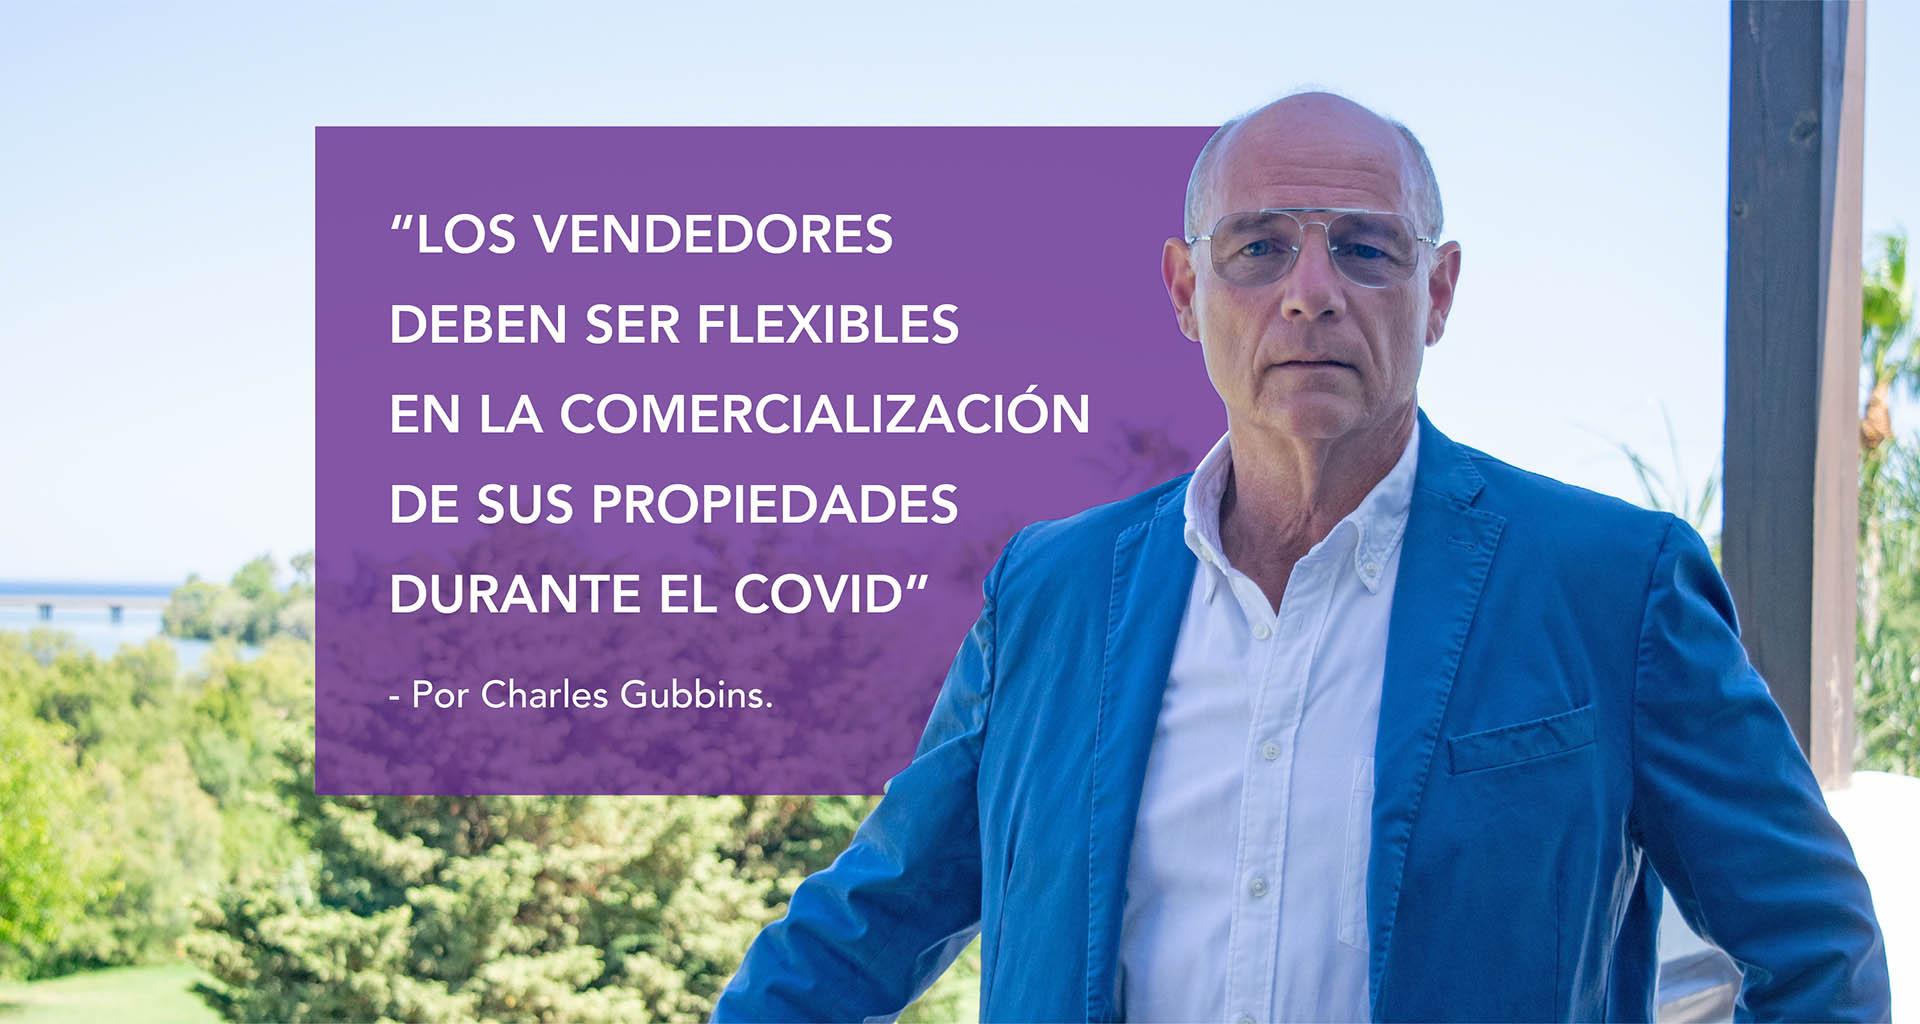 La pandemia está resultando en un cambio en la práctica laboral de los agentes inmobiliarios de Sotogrande y a nivel global